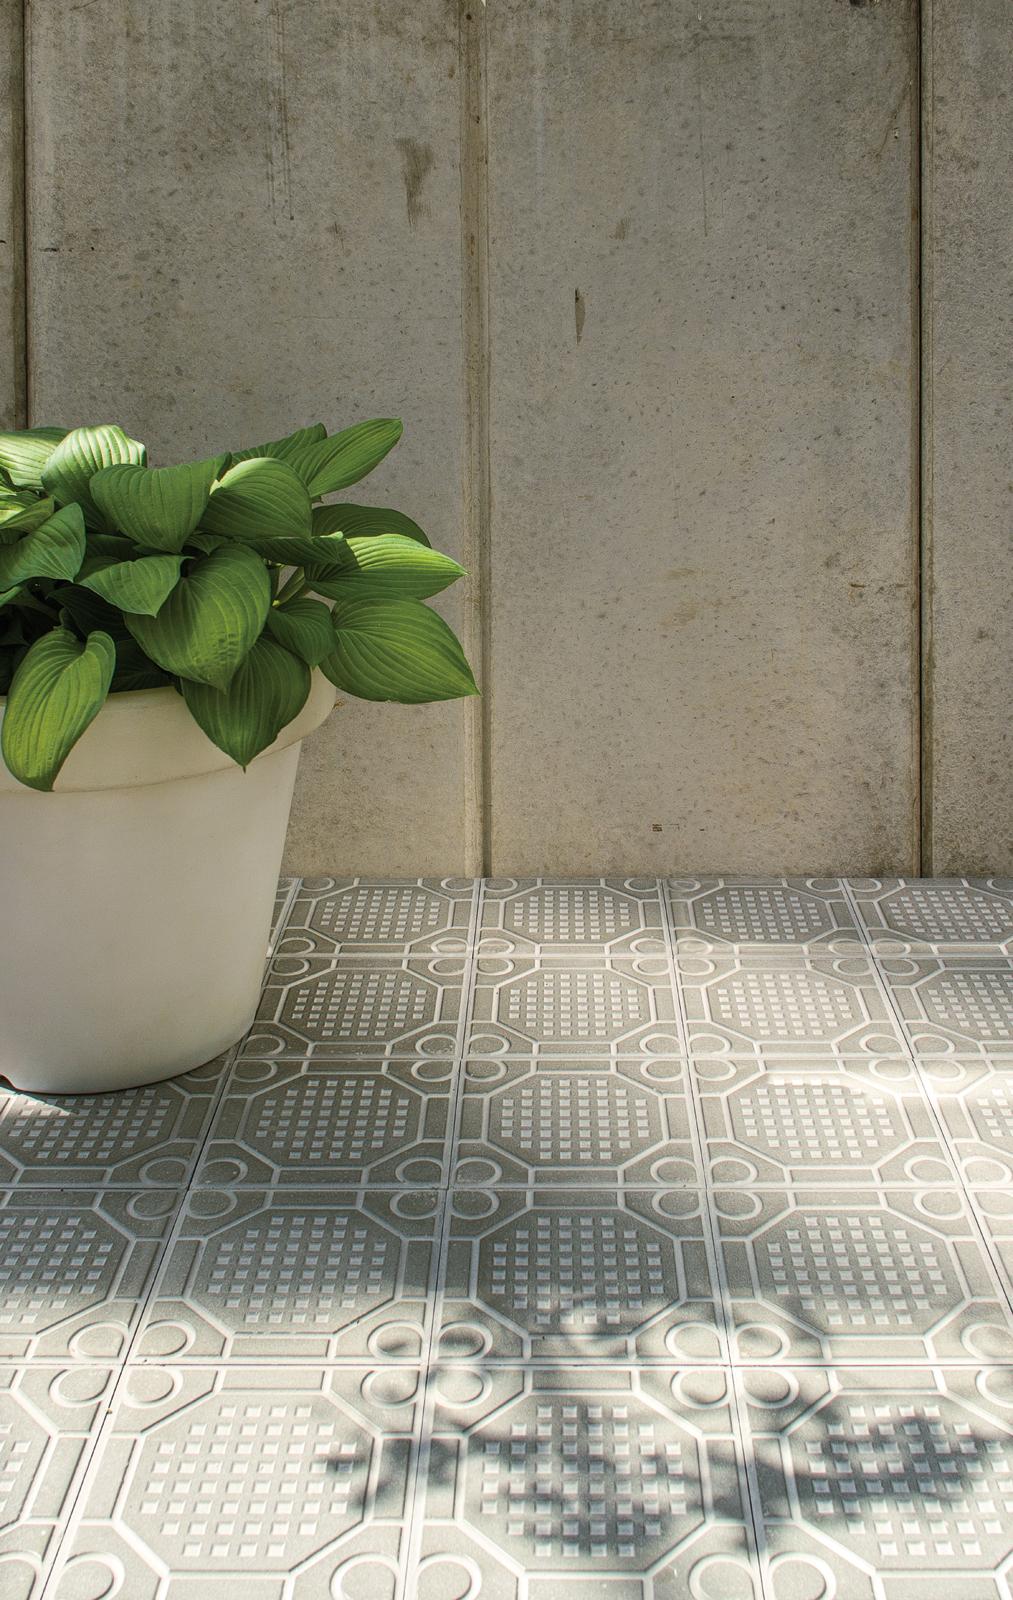 trottoirplatte-aussenbereich-nr.AP15-pflanzentopf-viaplatten | AP15